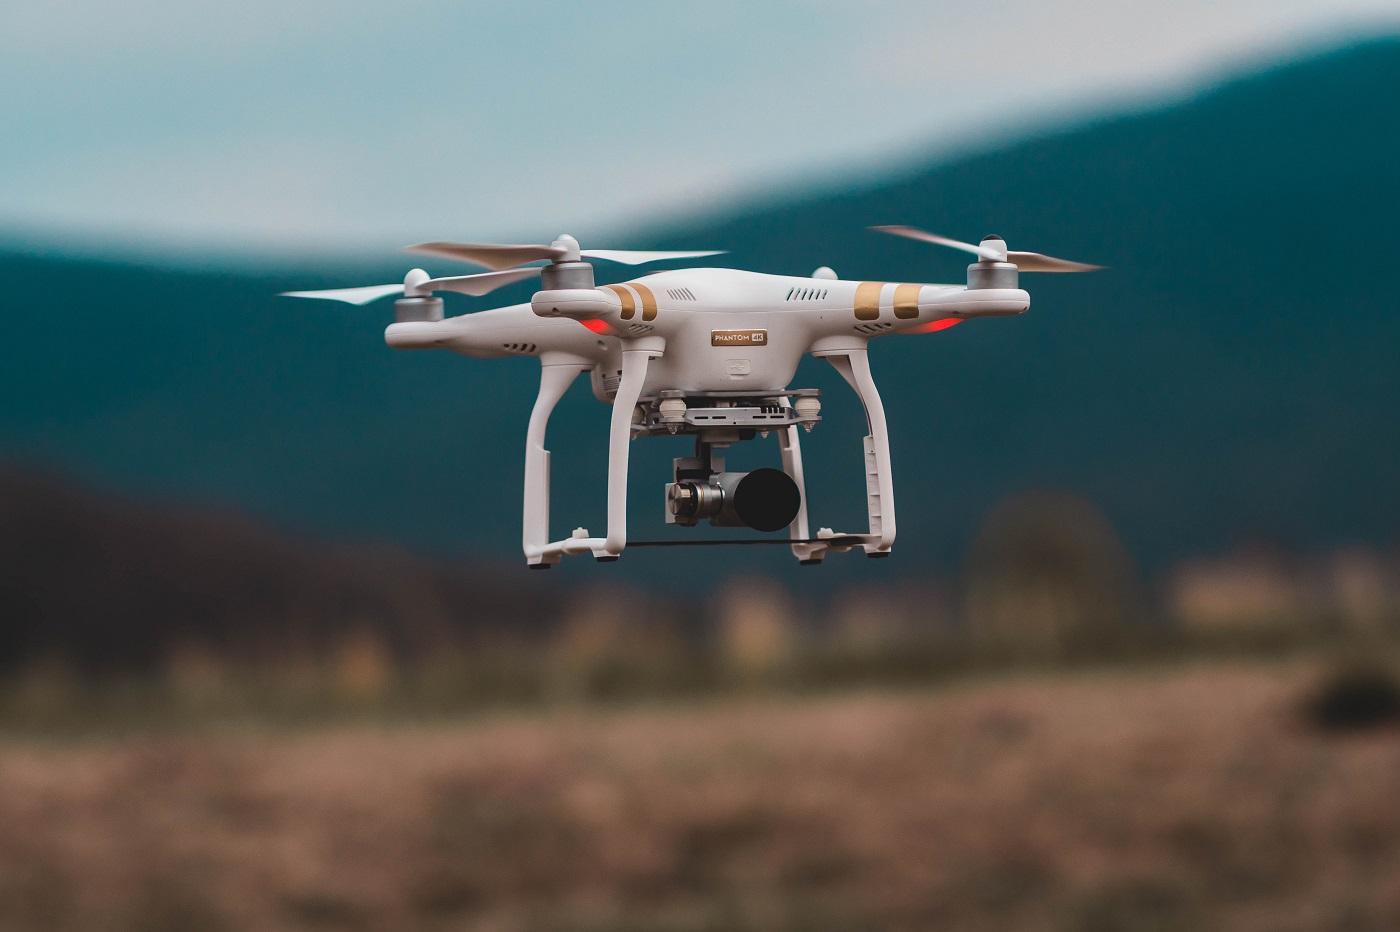 Au Canada, ces drones équipés de défibrillateurs pourraient sauver des vies